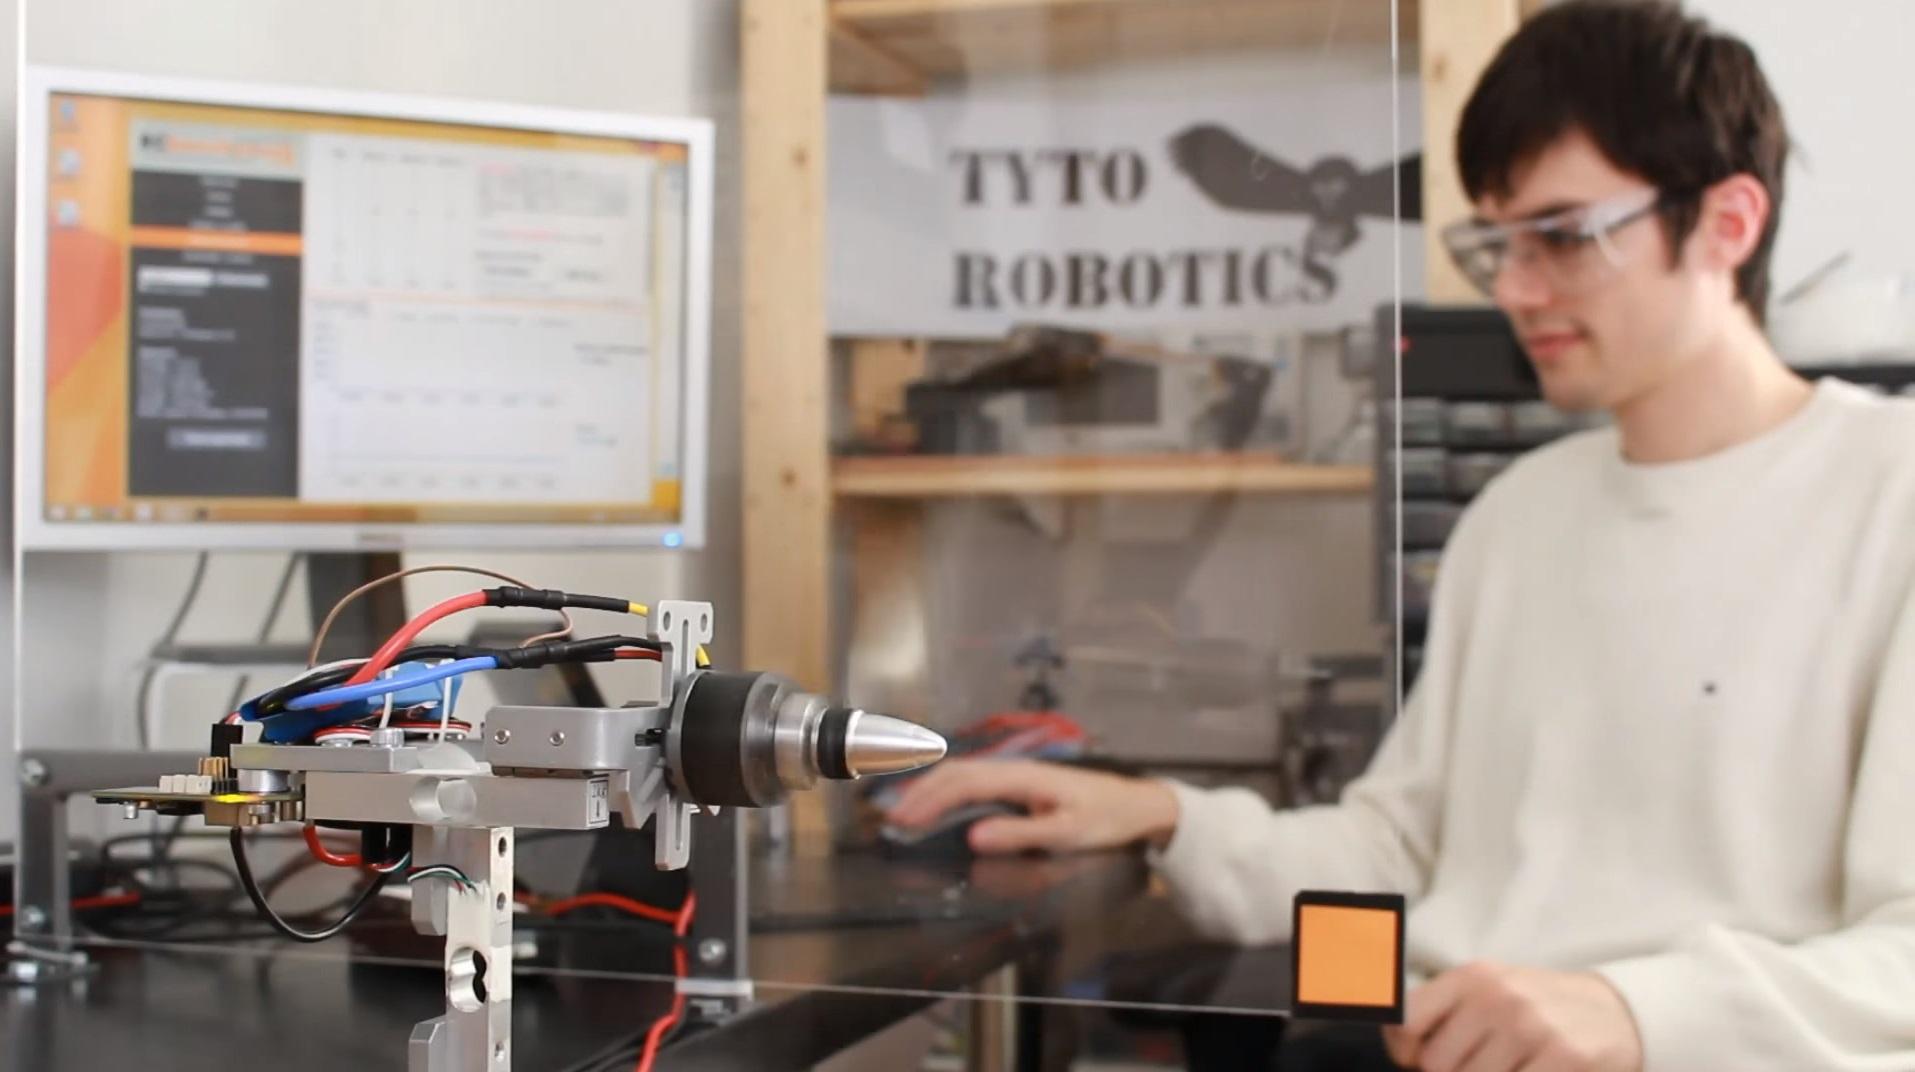 alt Dynamometer Test Brushless Motor in Lab